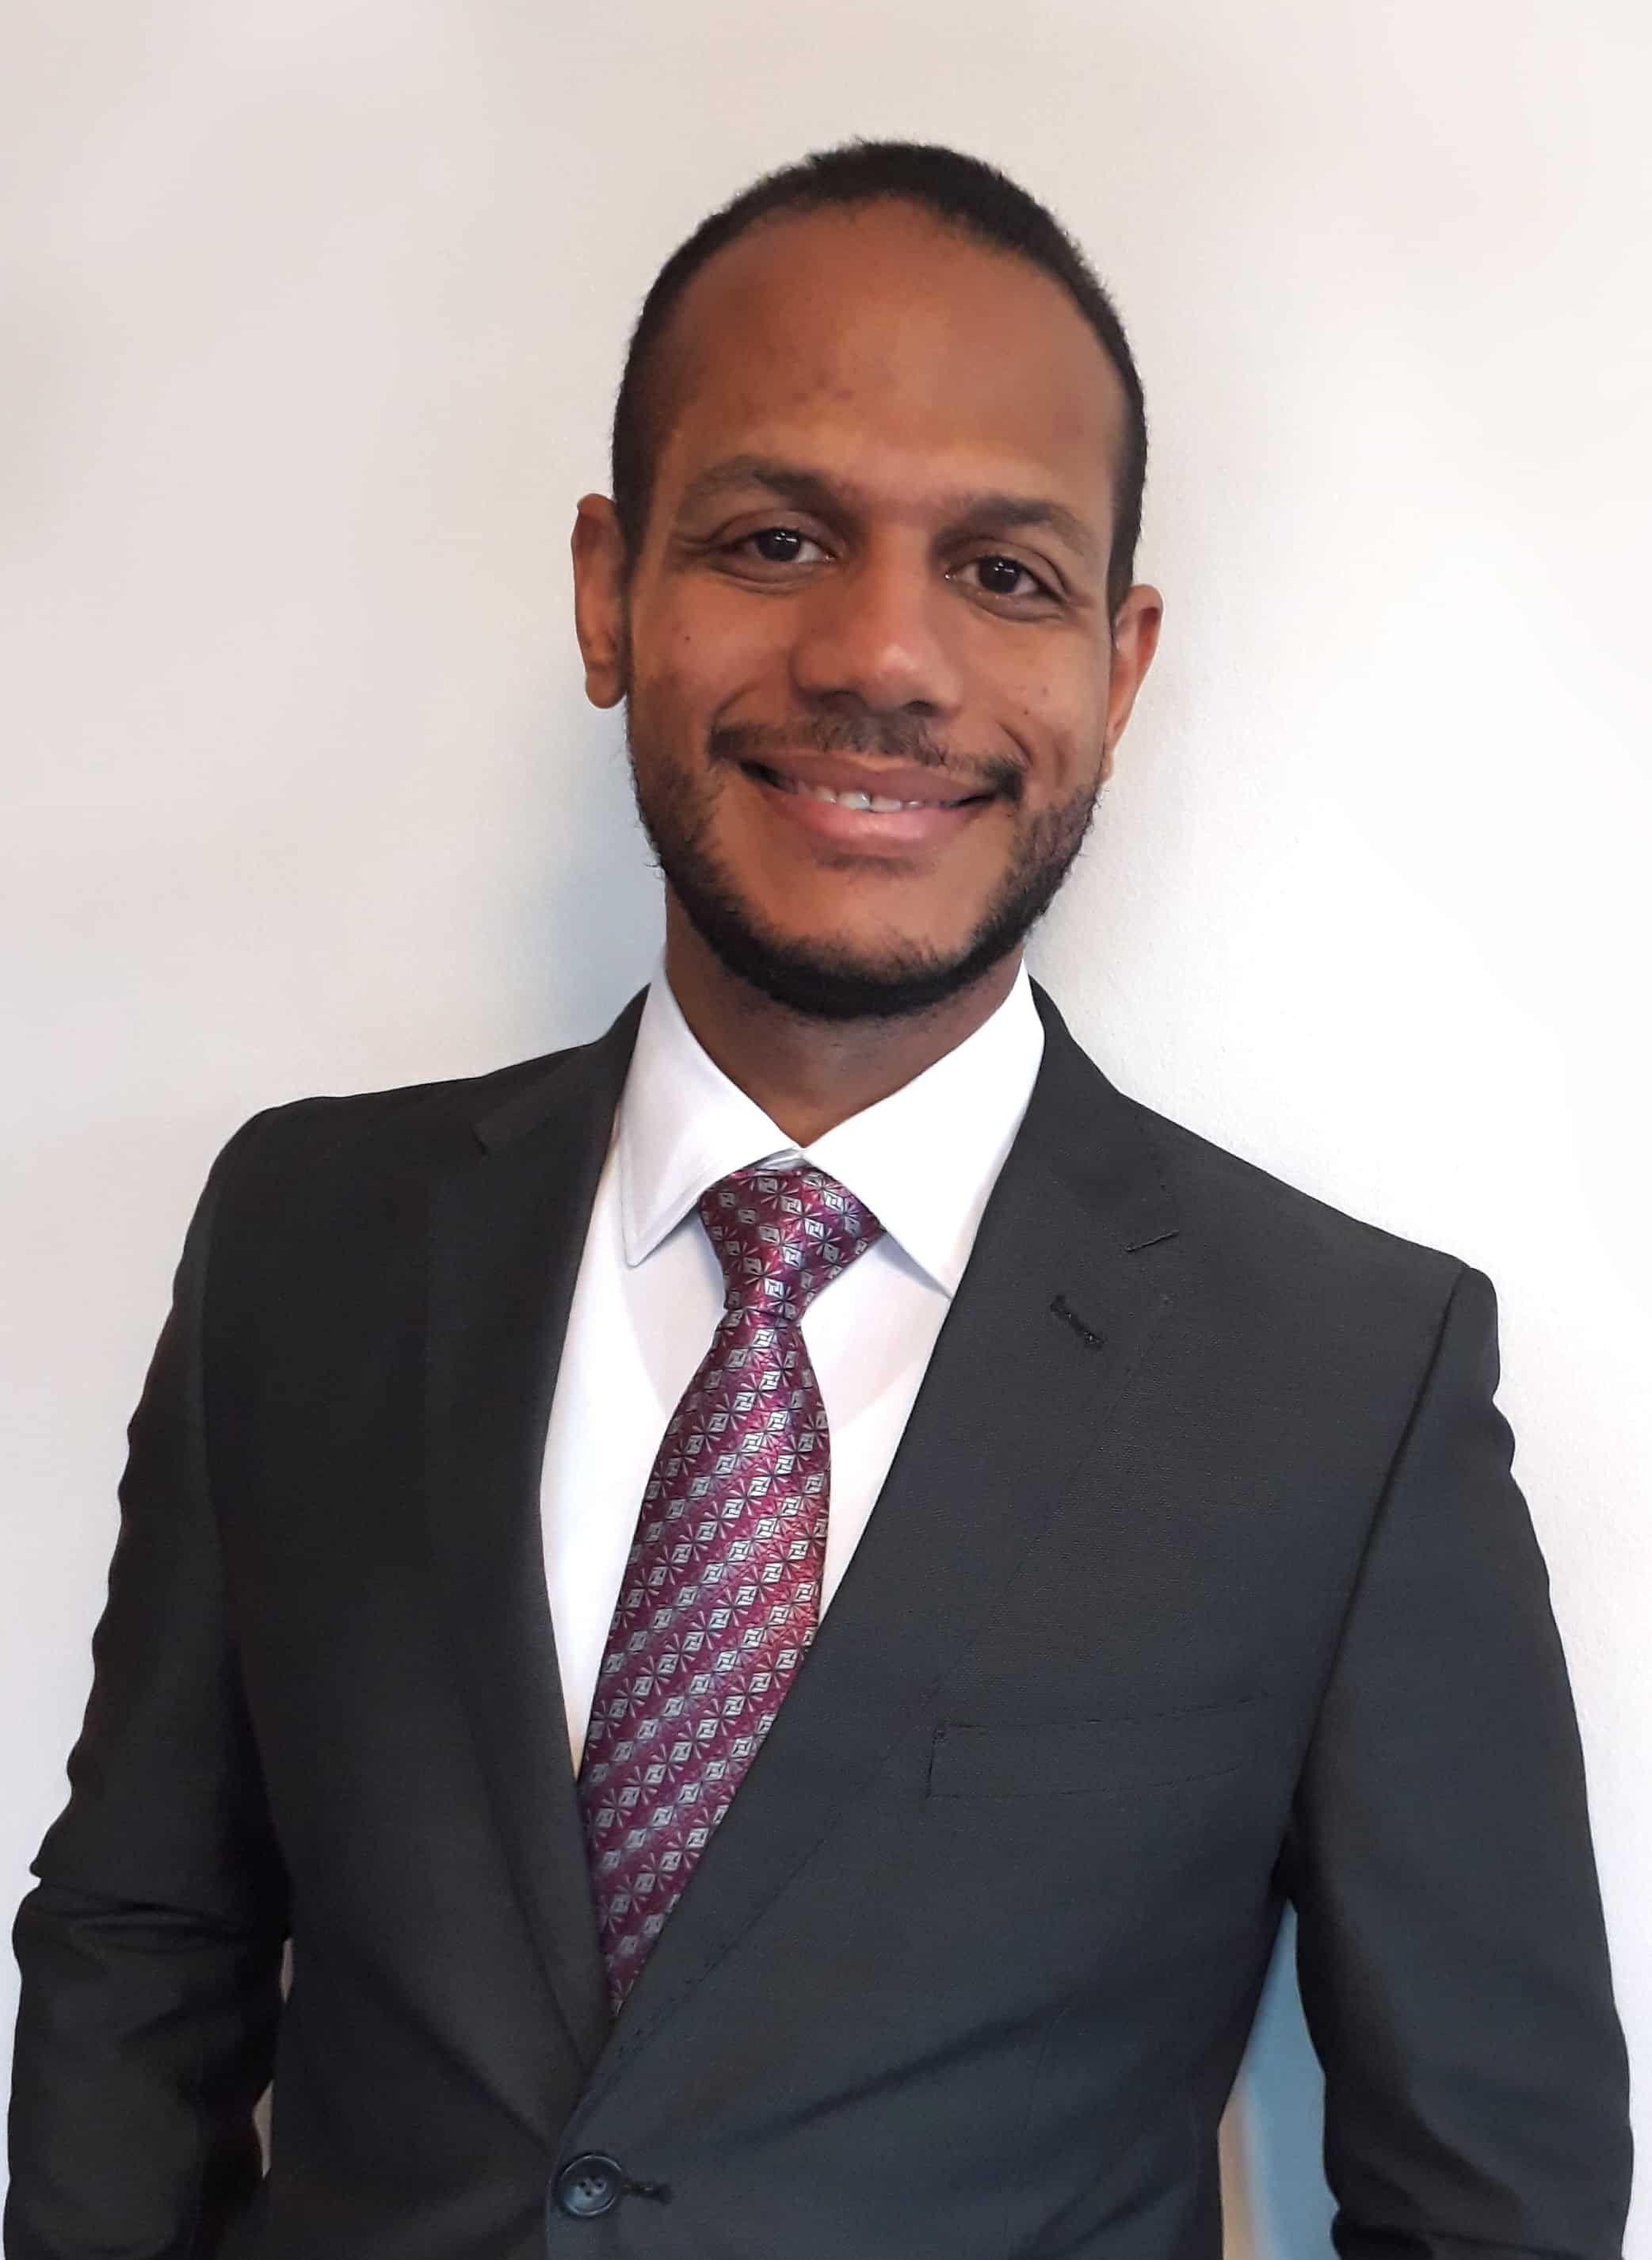 <p>AENOR lanza su web en Rep&uacute;blica Dominicana para acercar sus productos y servicios</p>